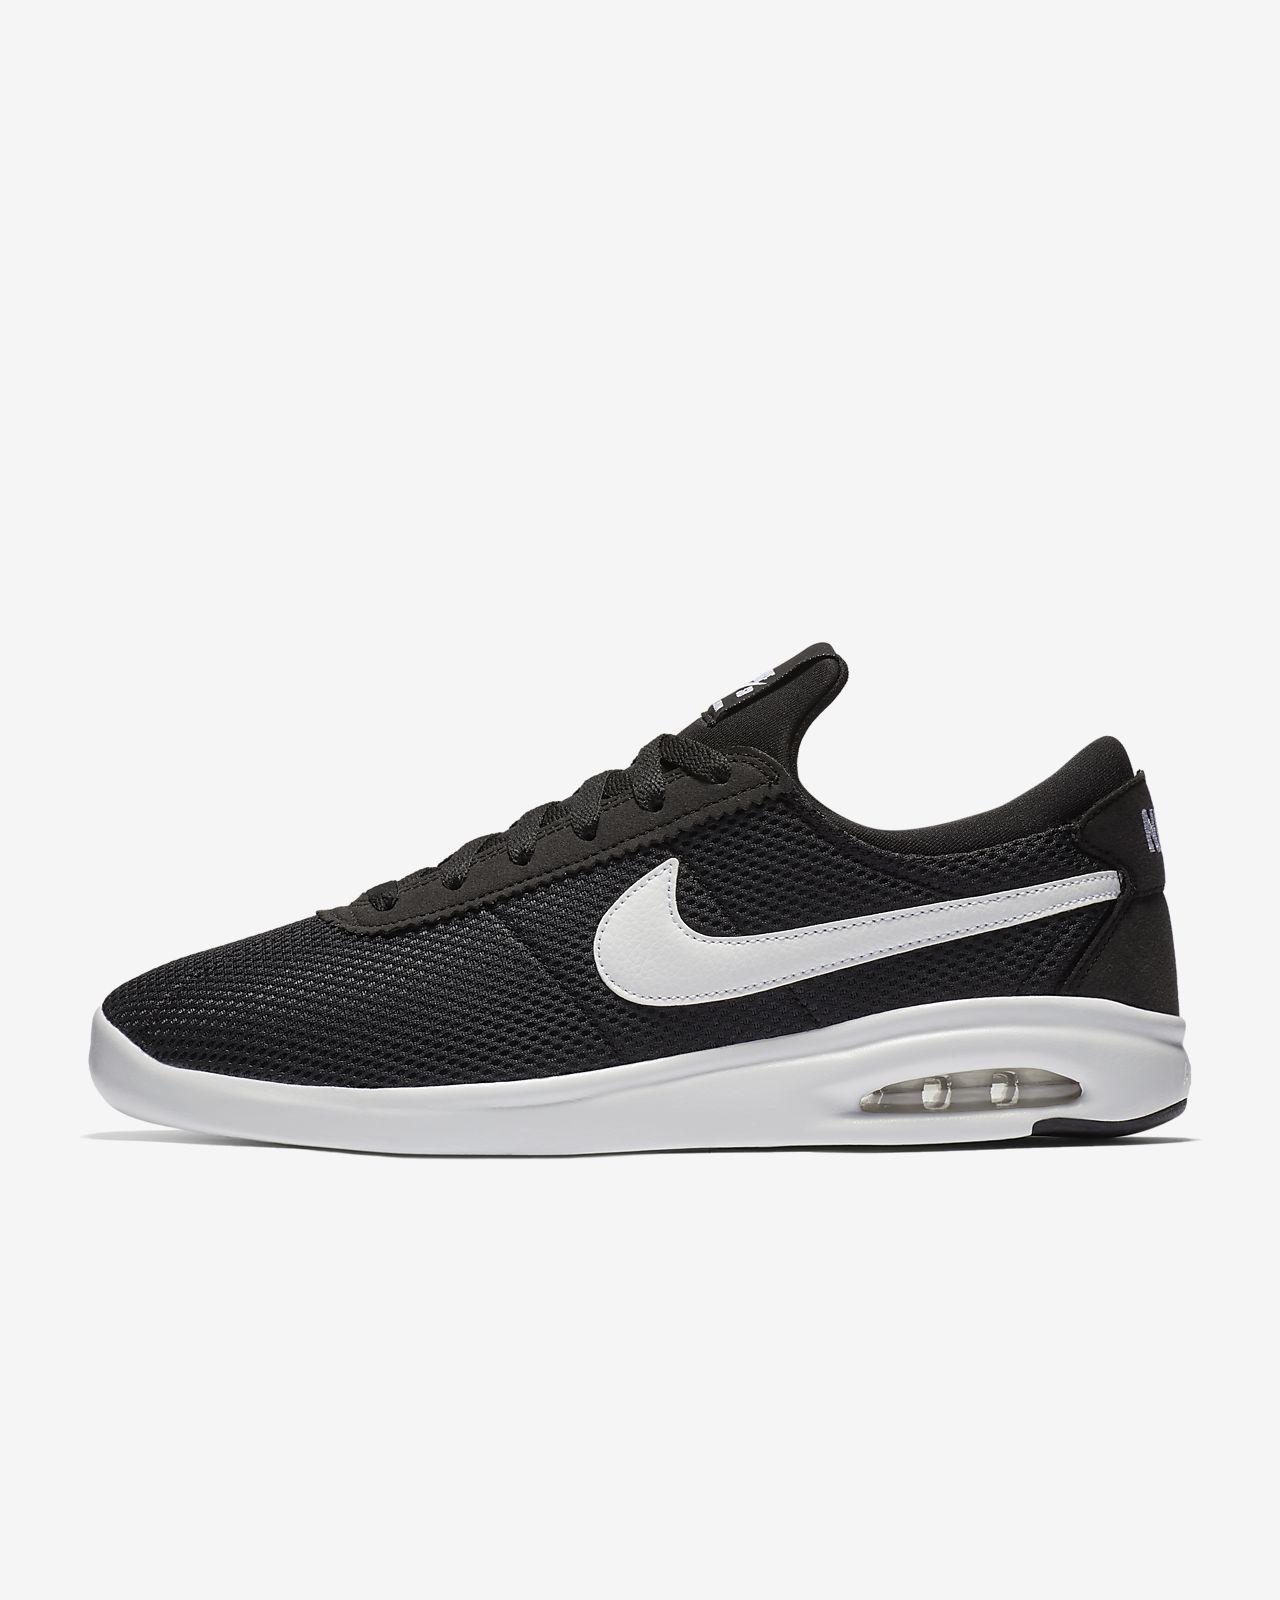 official photos d1690 79d45 ... Nike SB Air Max Bruin Vapor Zapatillas de skateboard - Hombre